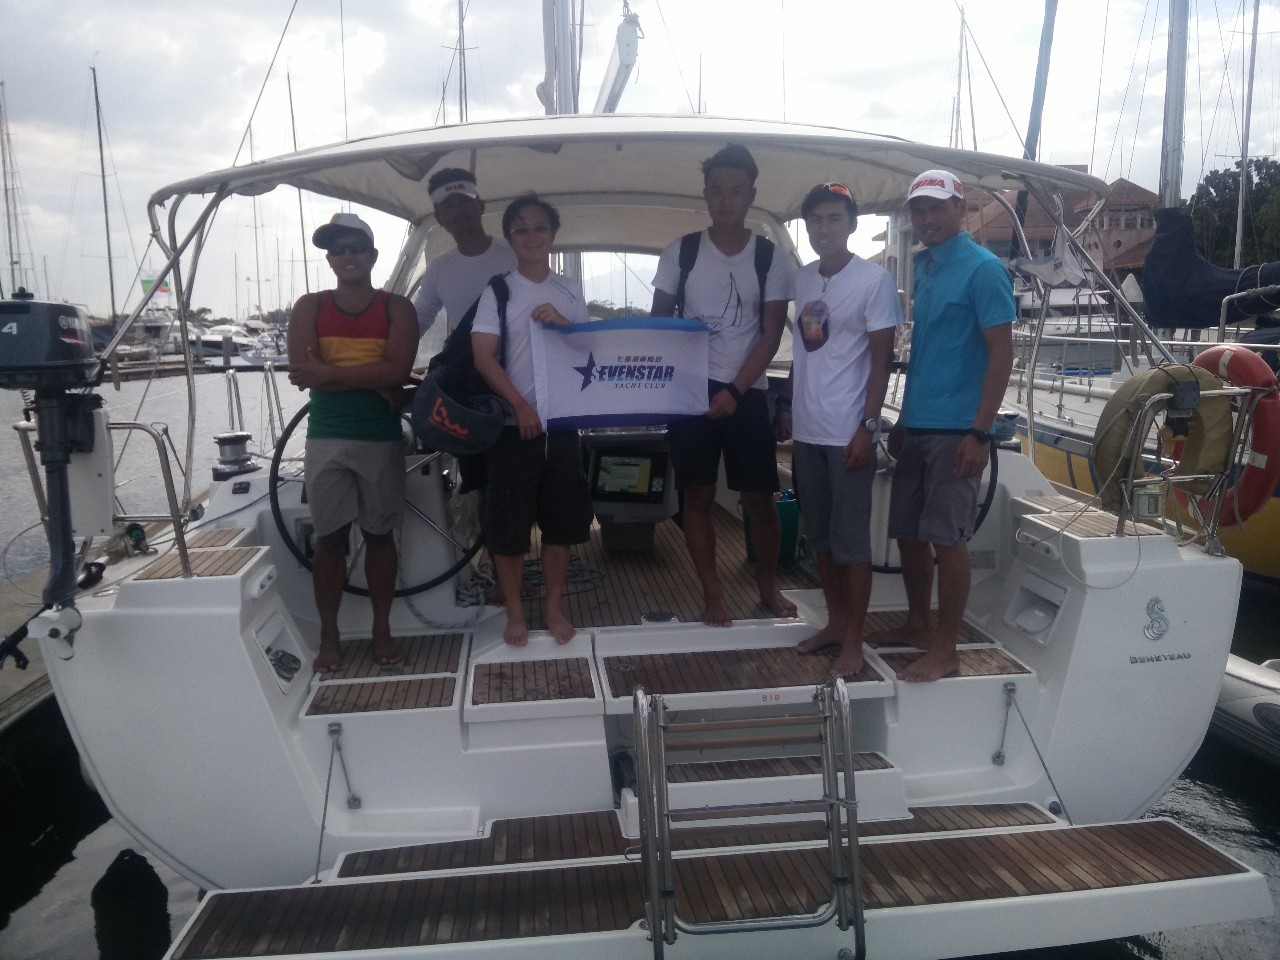 难忘的日落风帆,菲律宾极美海岛游记! 4bdd75a298c9d87d719c2e806e5acc23.jpg